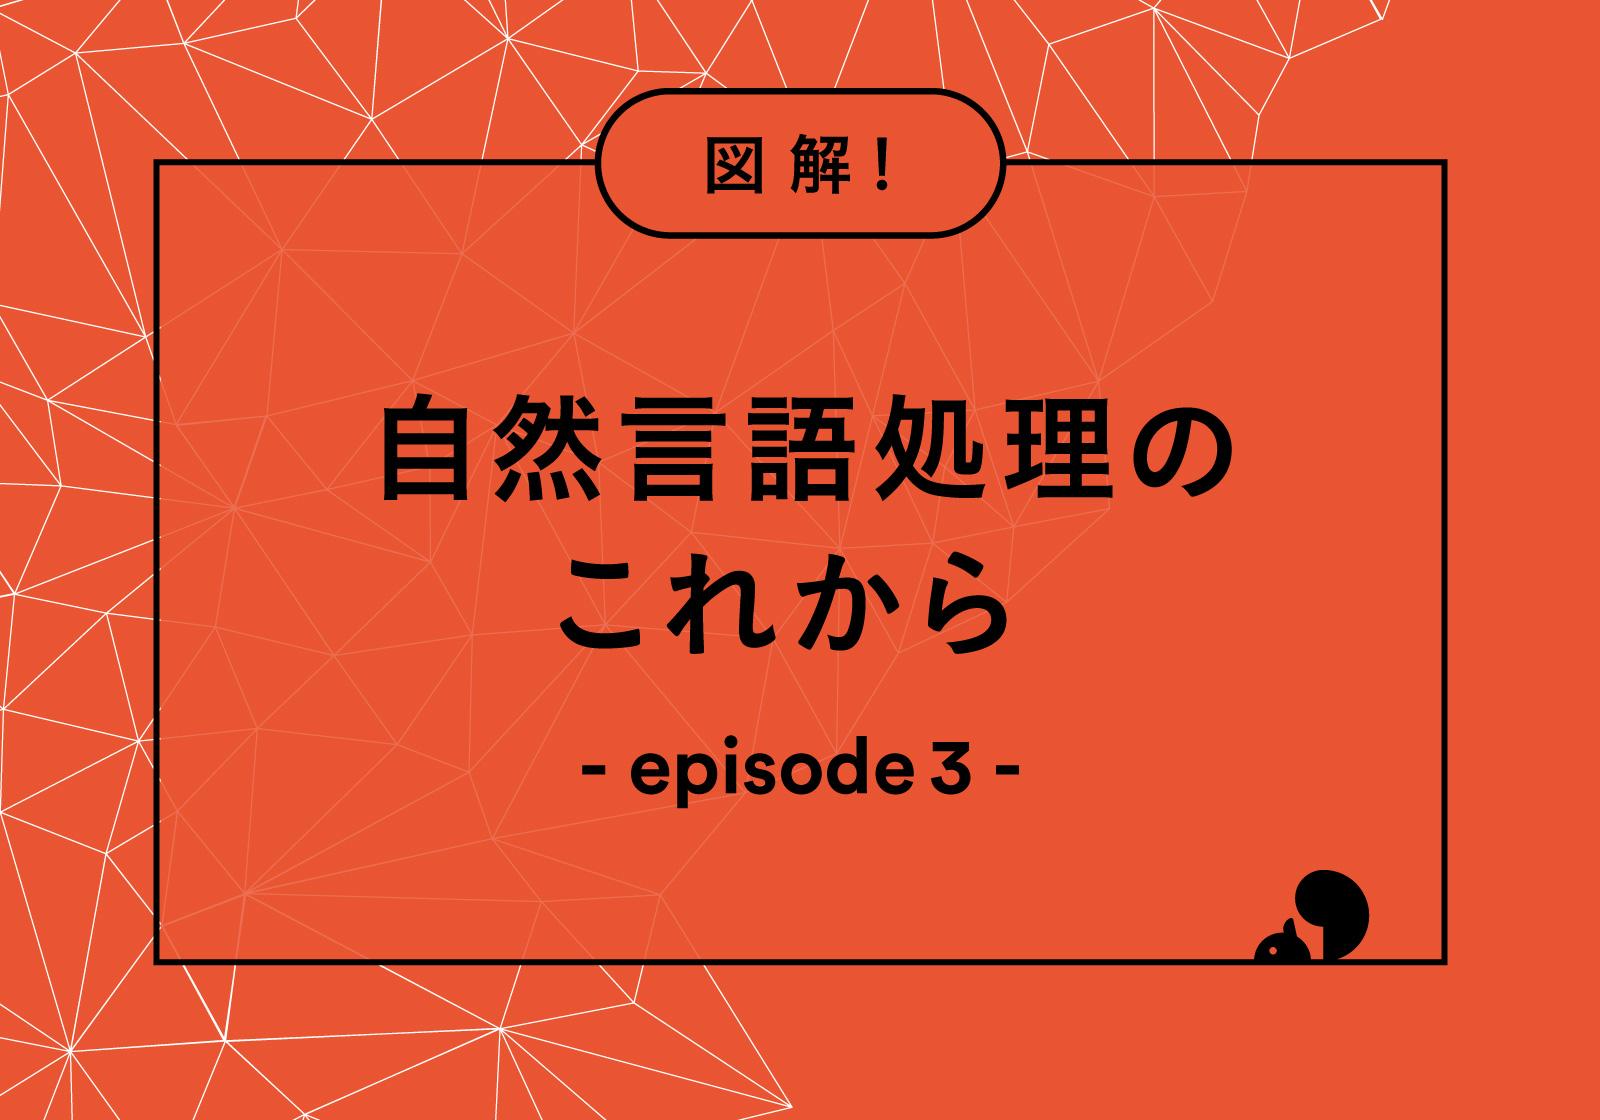 自然言語処理のこれから_episode03_アイキャッチ